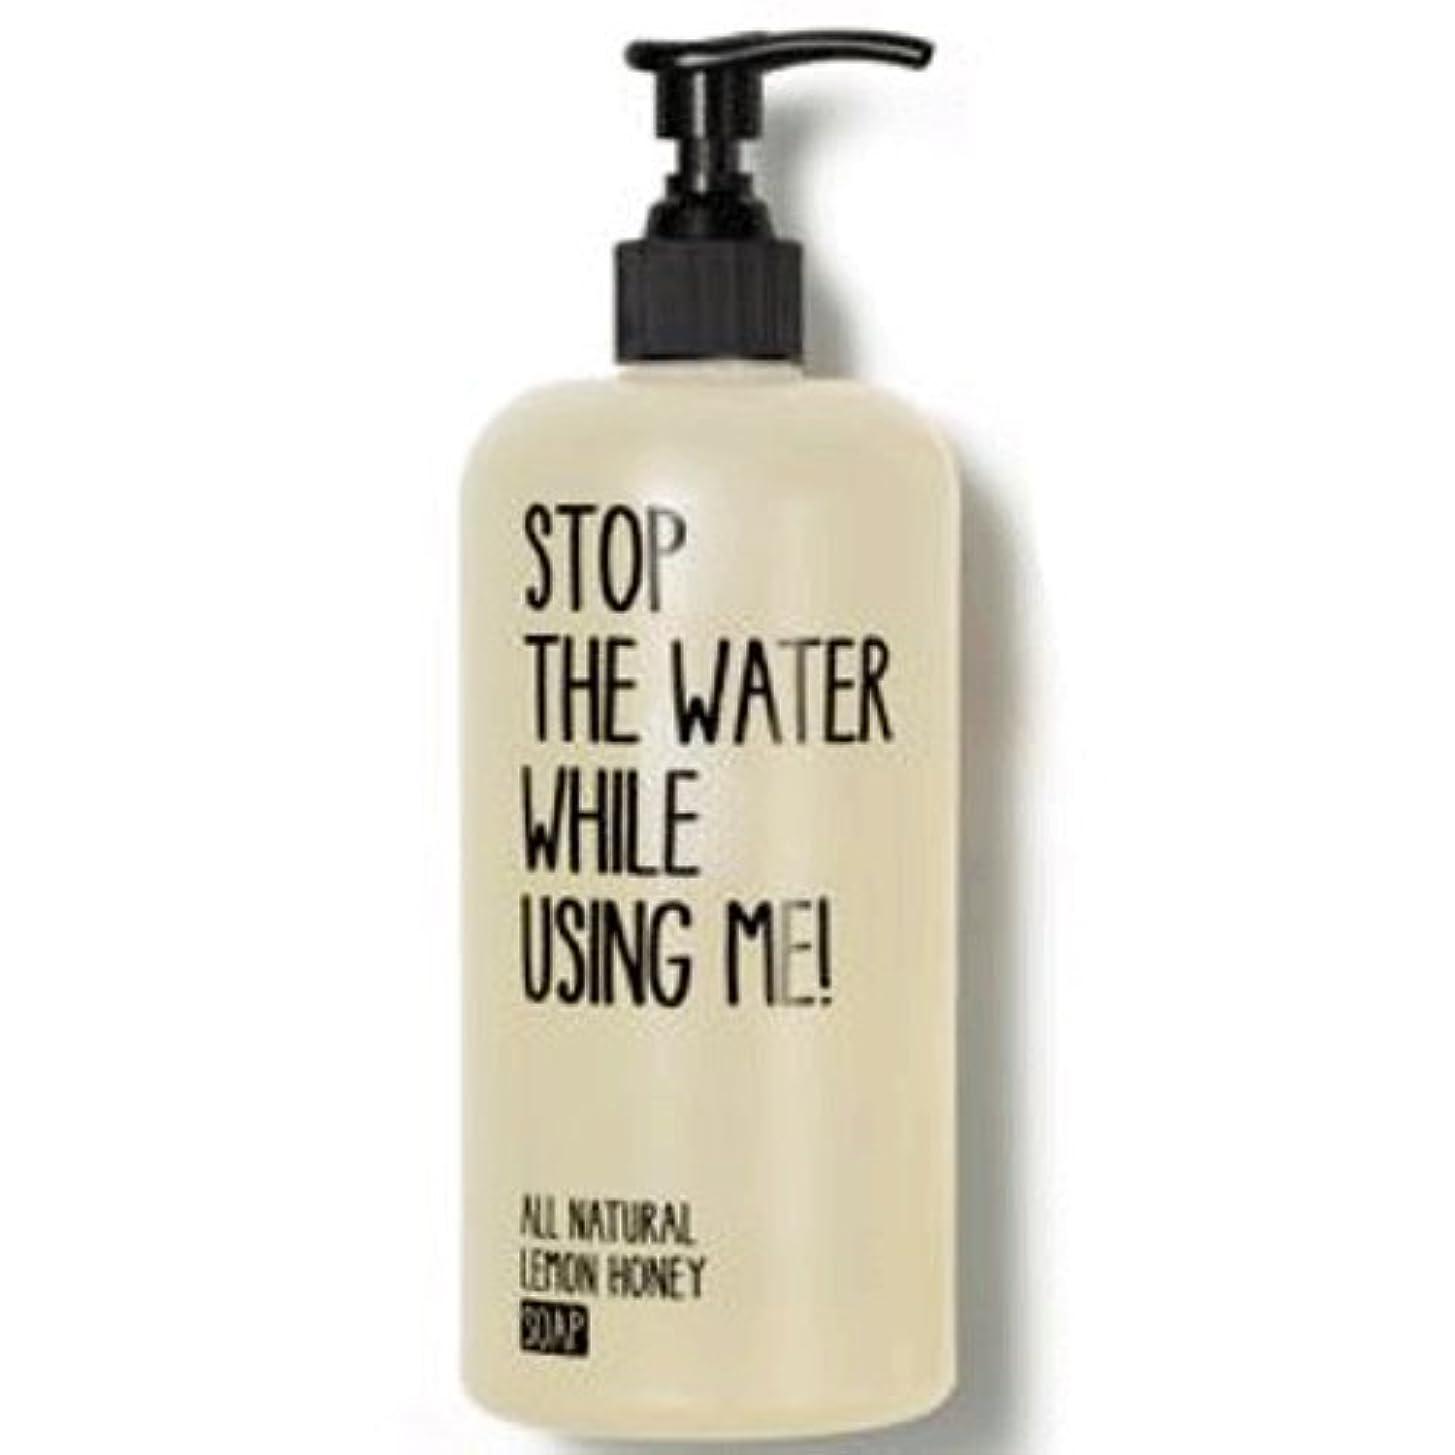 こしょうキャプテンブライ生産的【STOP THE WATER WHILE USING ME!】L&Hソープ(レモン&ハニー) 500ml [並行輸入品]